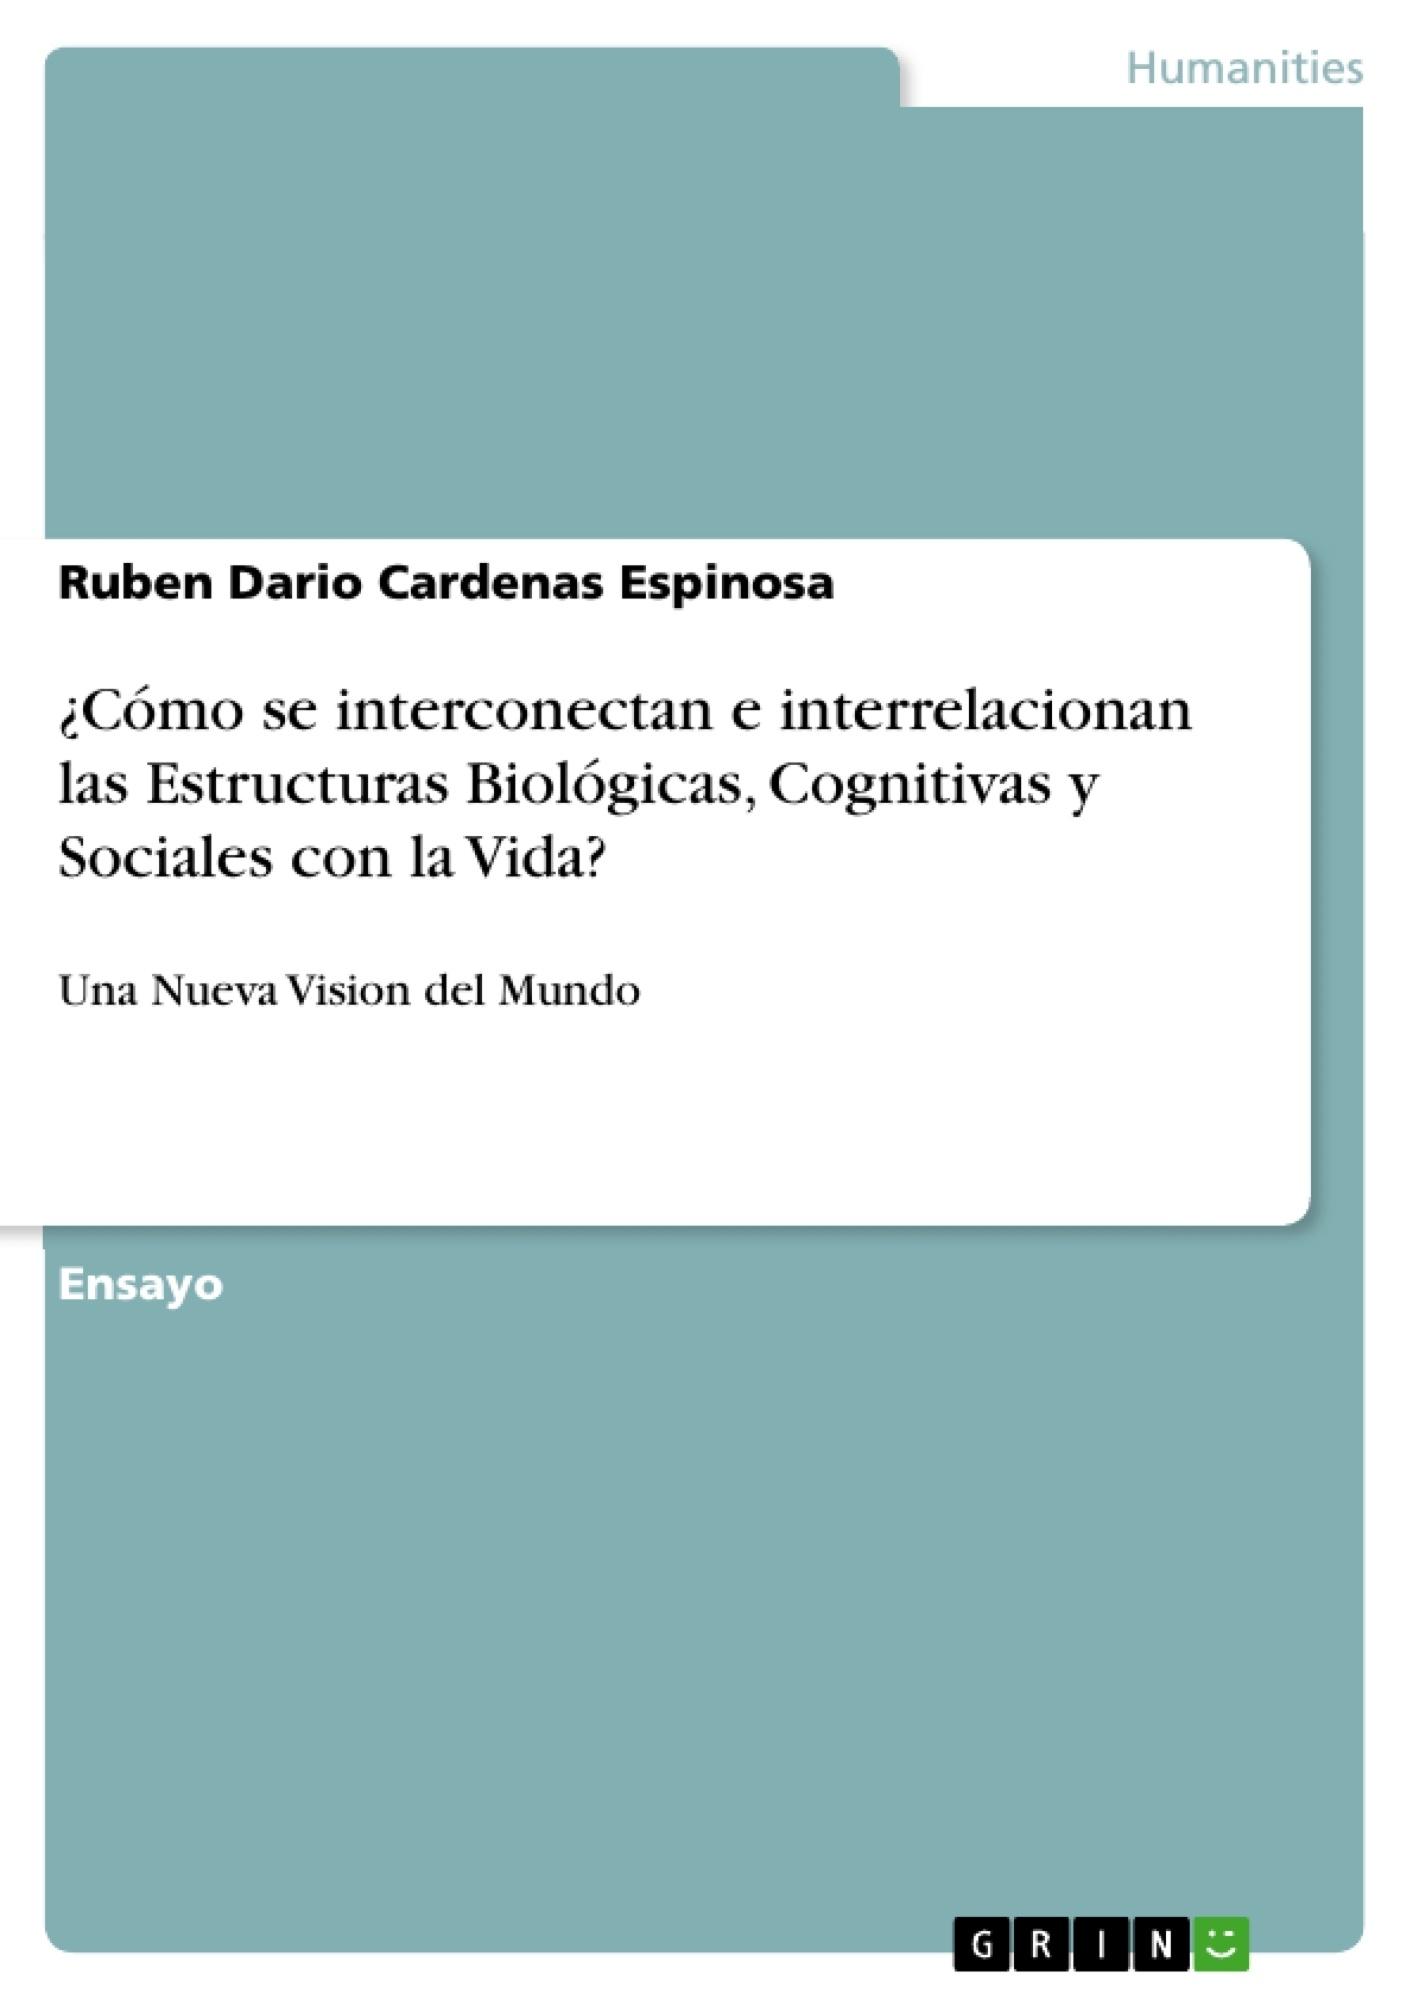 Título: ¿Cómo se interconectan e interrelacionan las Estructuras Biológicas, Cognitivas y Sociales con la Vida?